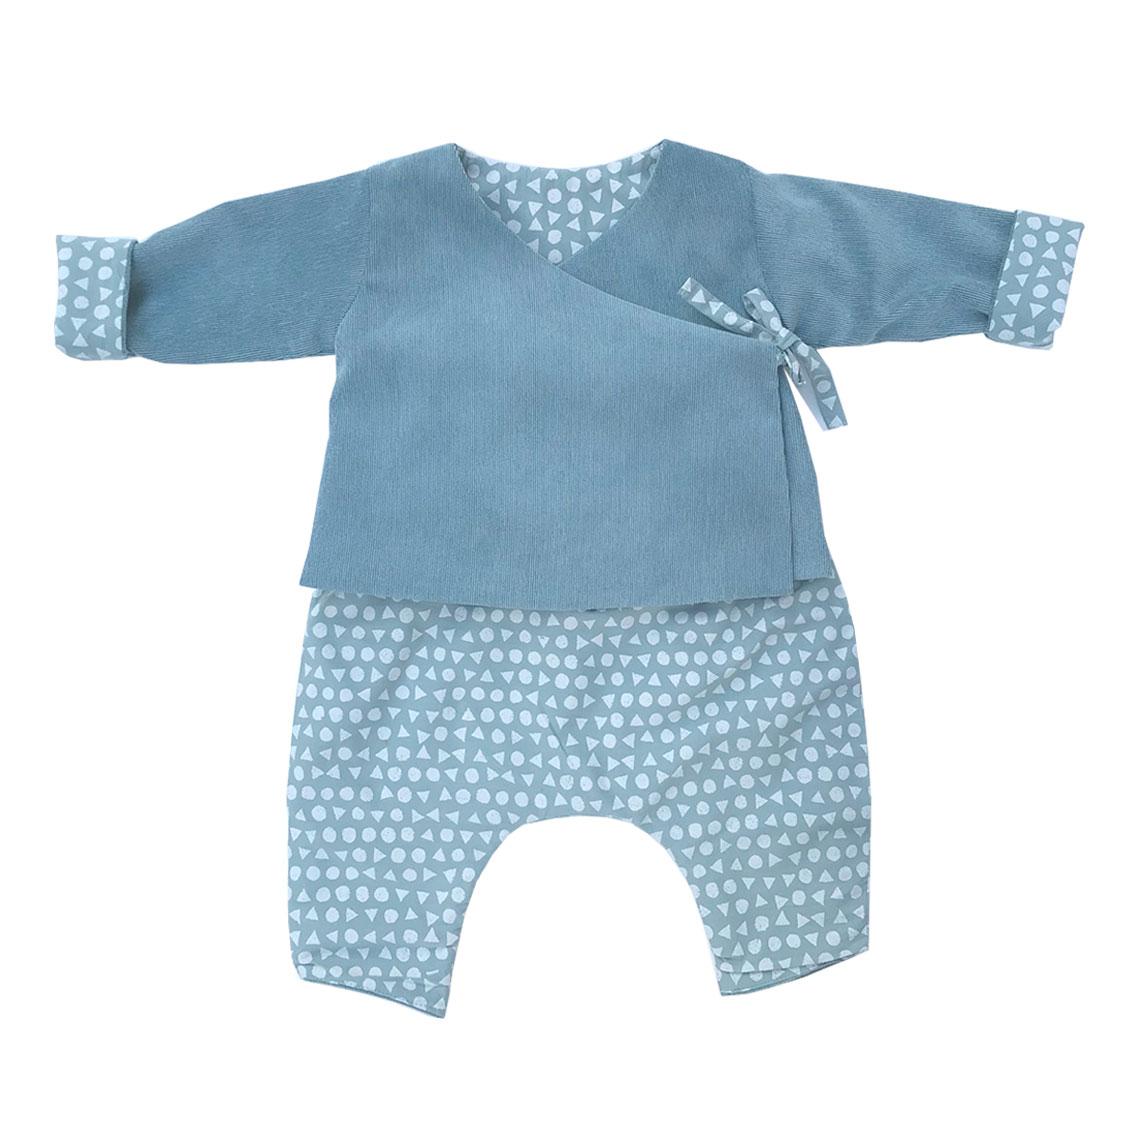 ensemble kimono bébé bleu ciel